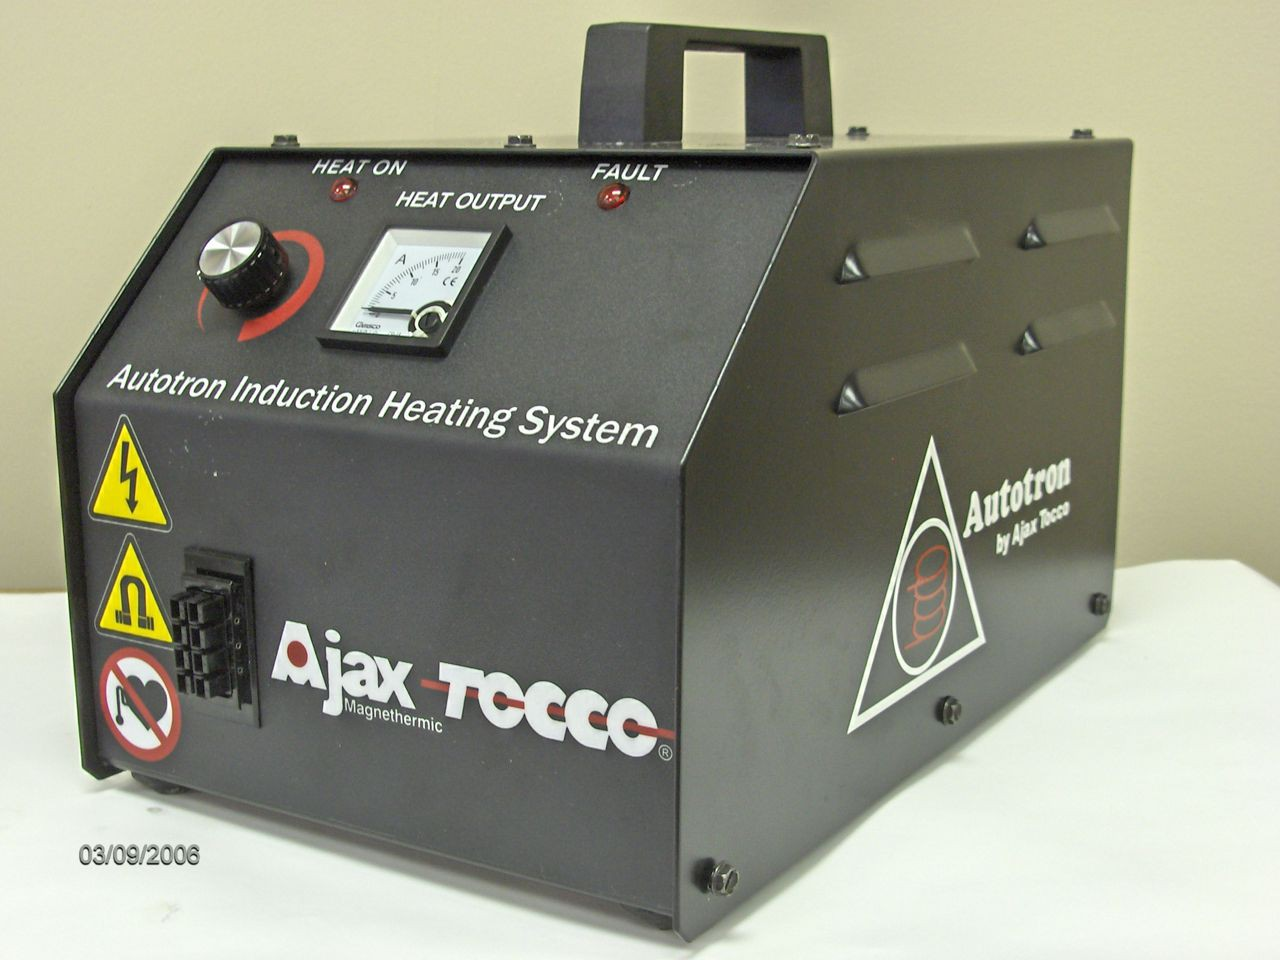 Autotron - Ideal für kleinere Metallerwärmungsprozesse und Reparaturarbeiten im Karosseriebereich.<br/><br/>1,5-3 kW / 50 -60 kHz.